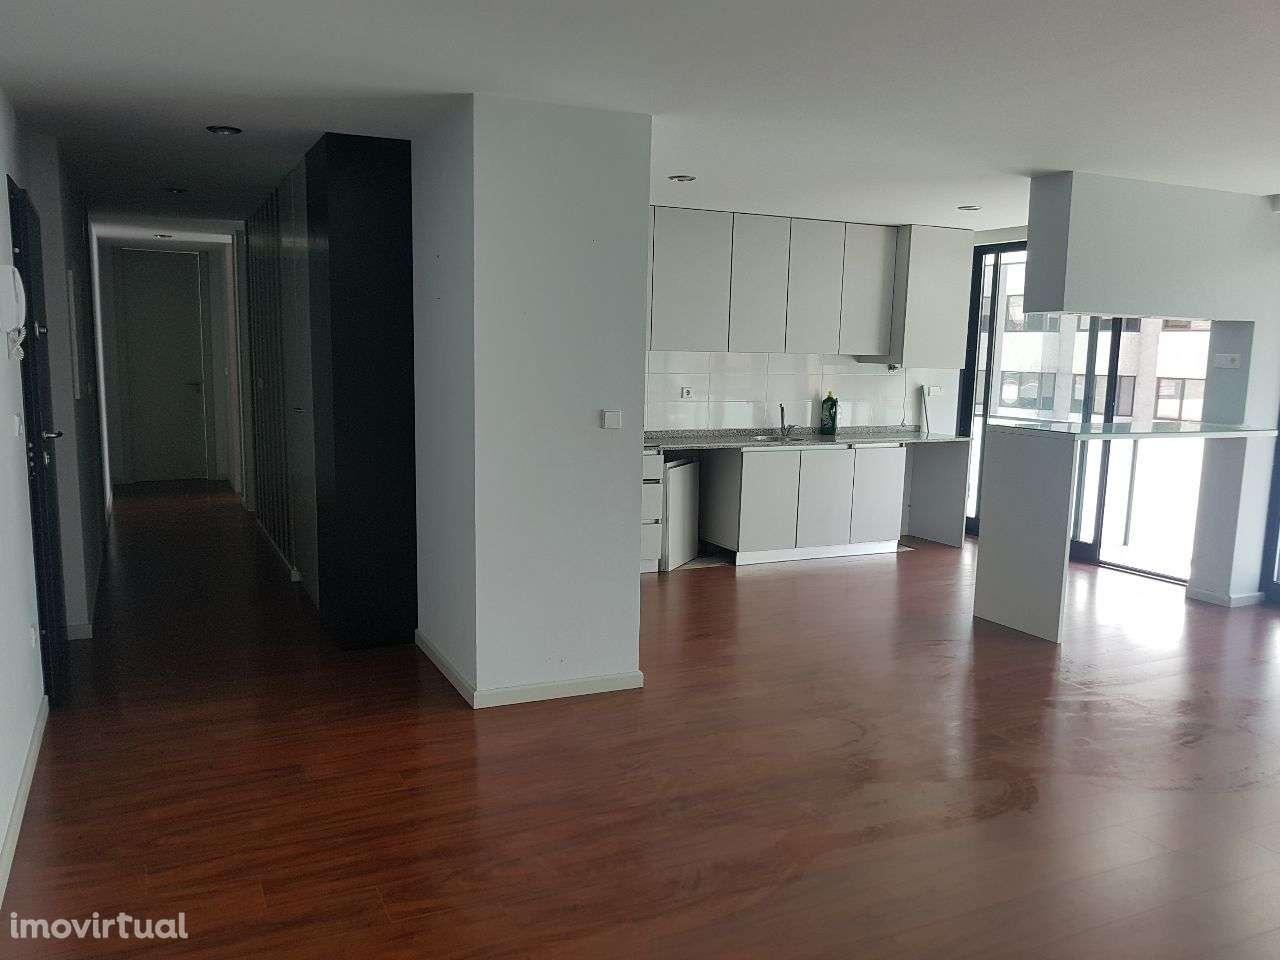 Apartamento para comprar, Valença, Cristelo Covo e Arão, Viana do Castelo - Foto 25